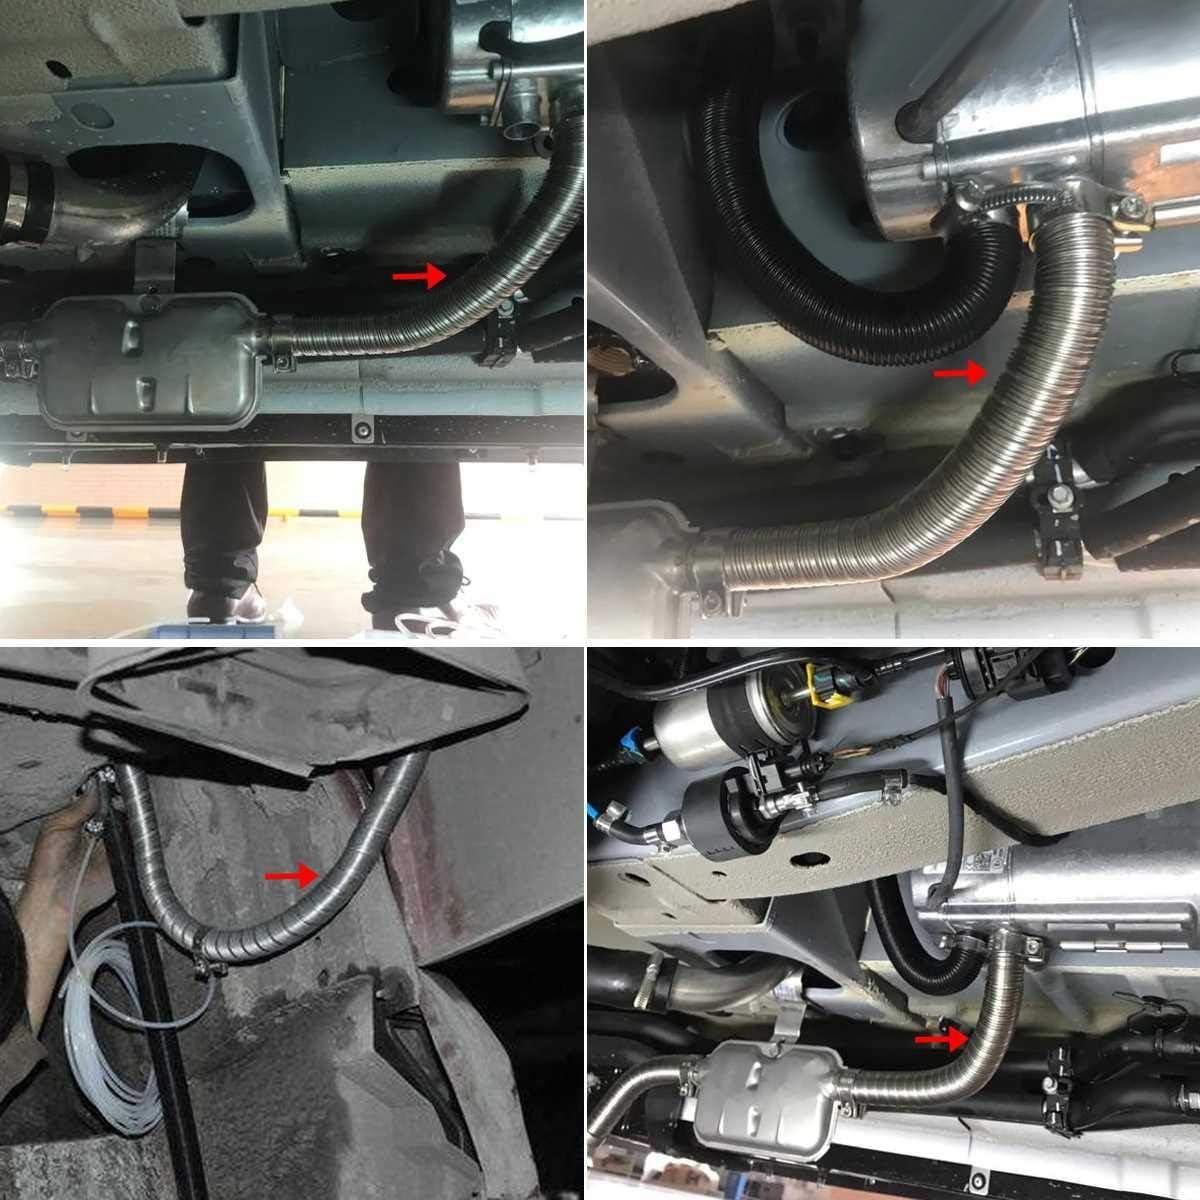 Semoic 200Cm Auto Luft Standheizung Auspuff Rohr mit 2 Schellen Kraftstofftank Auspuffrohr Schlauch f/ür Roh ?L Heizung